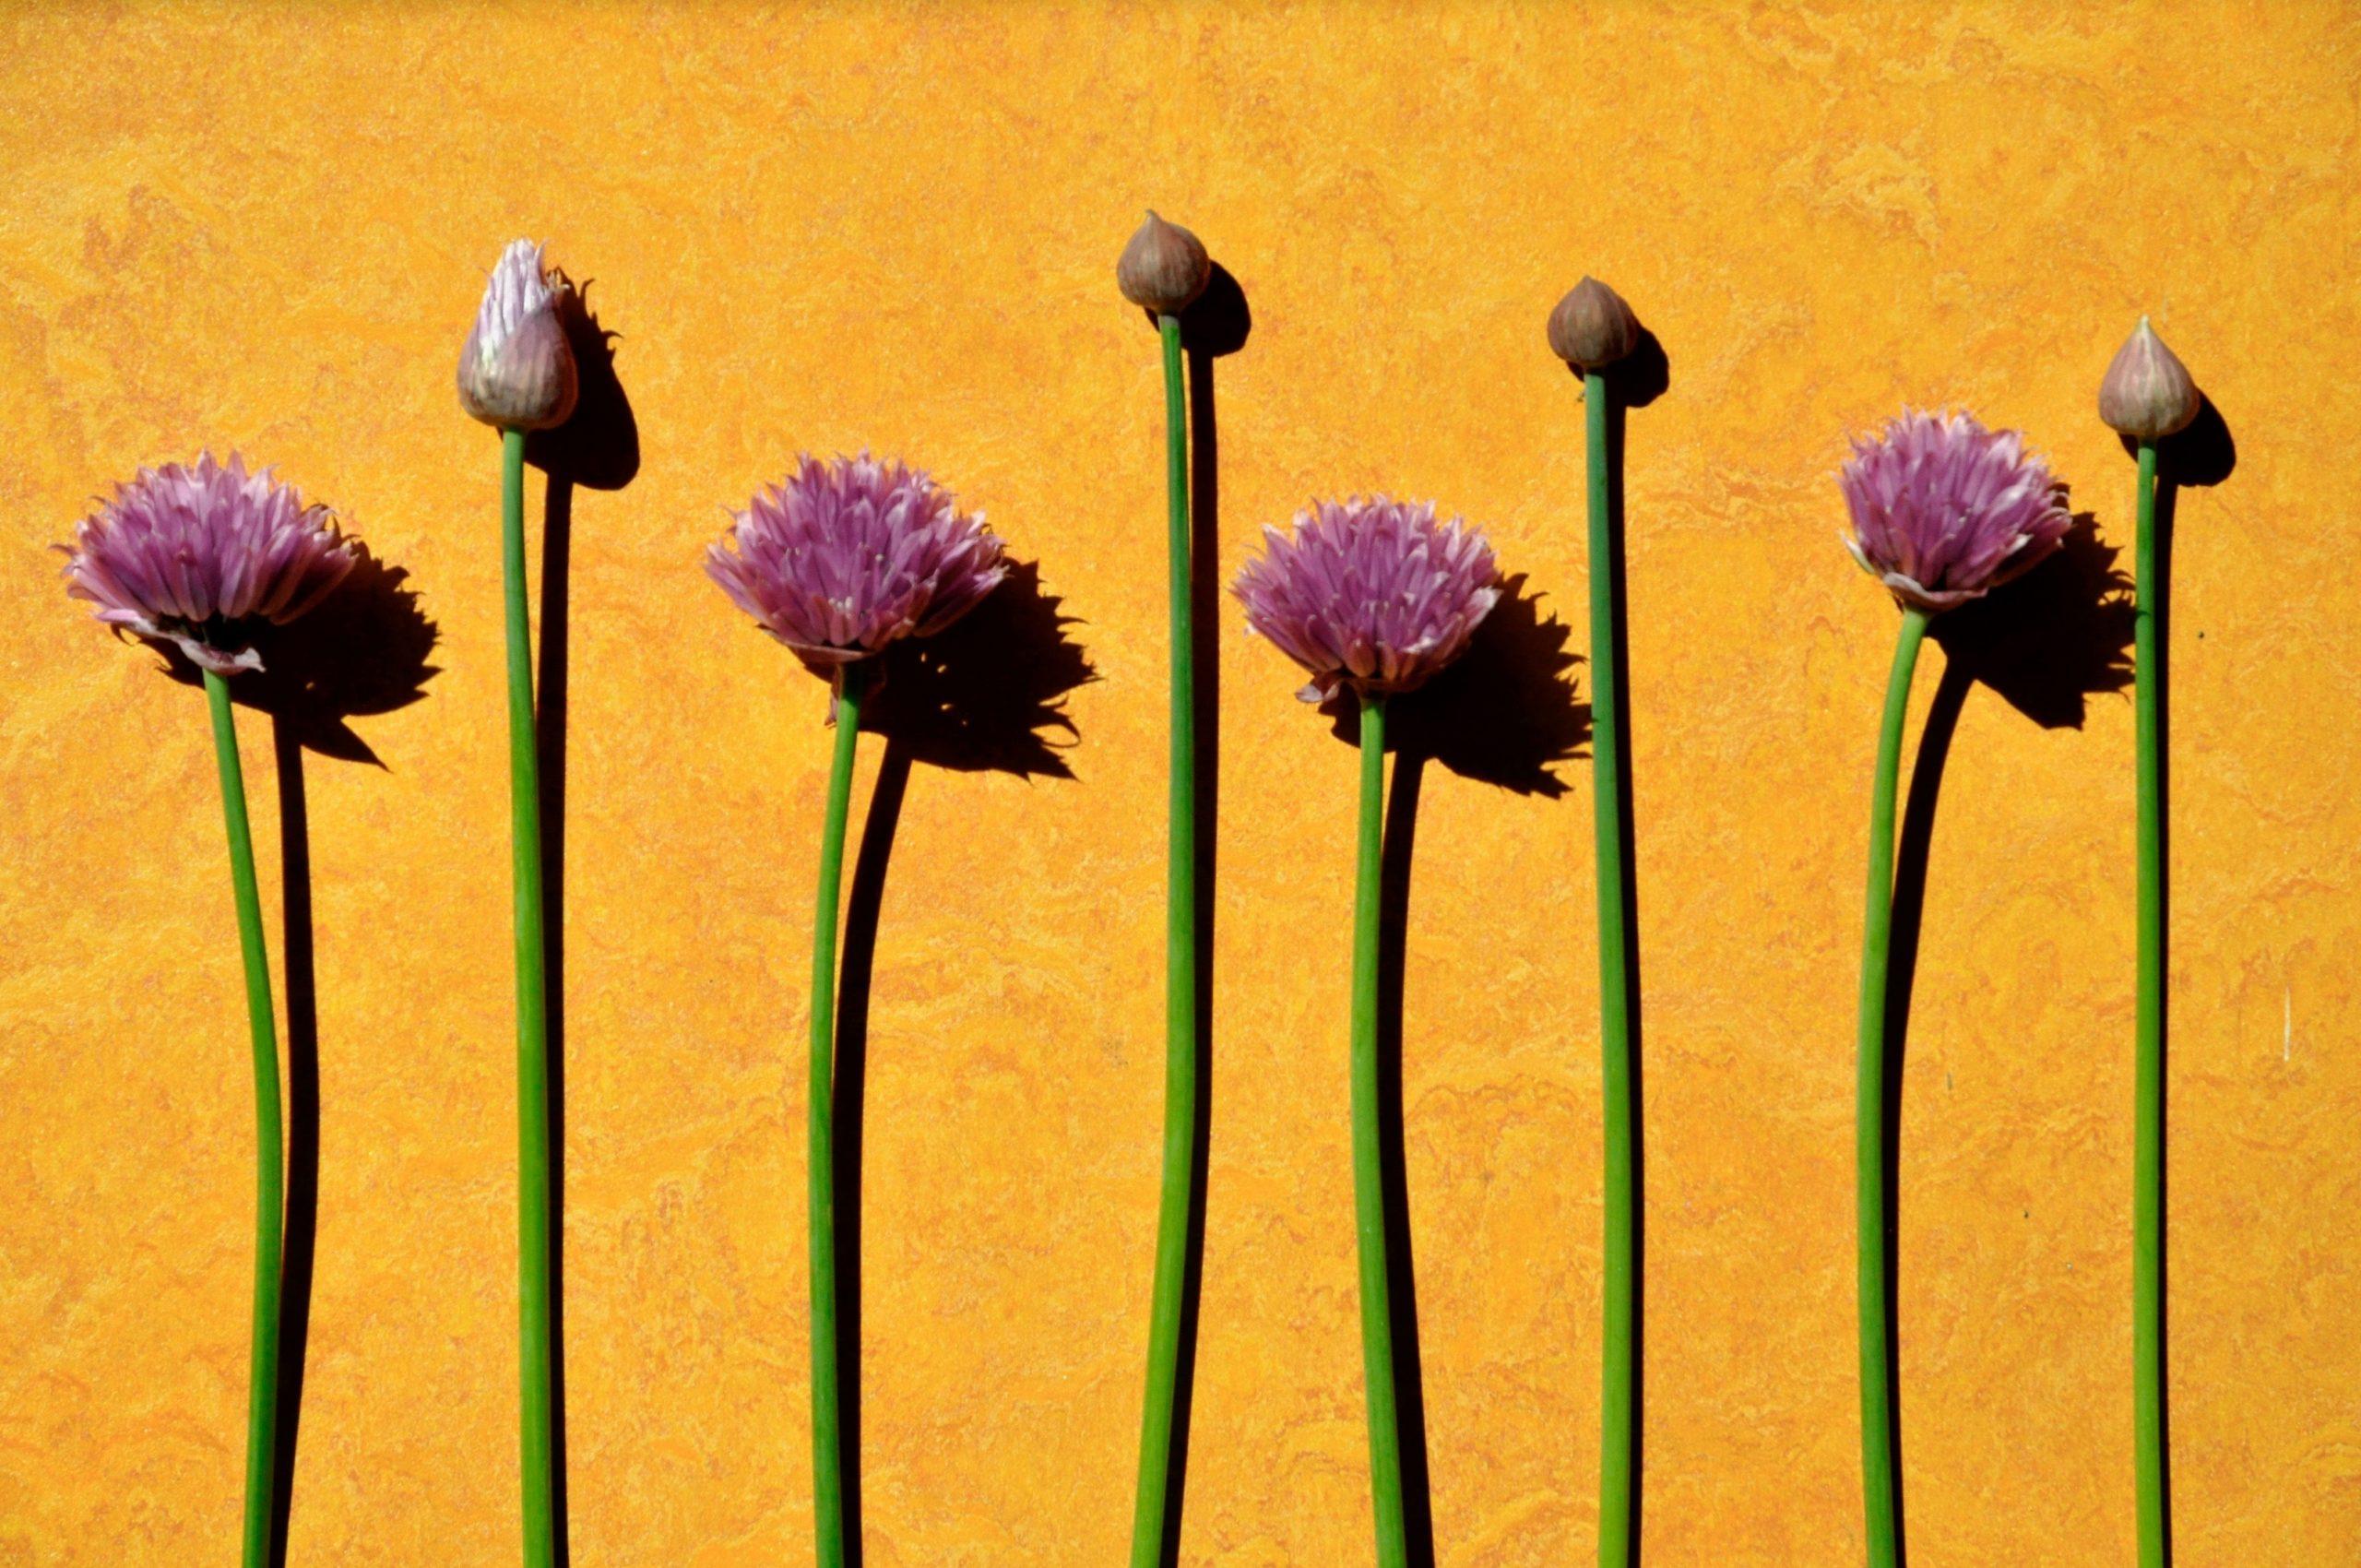 purple flowers in pattern